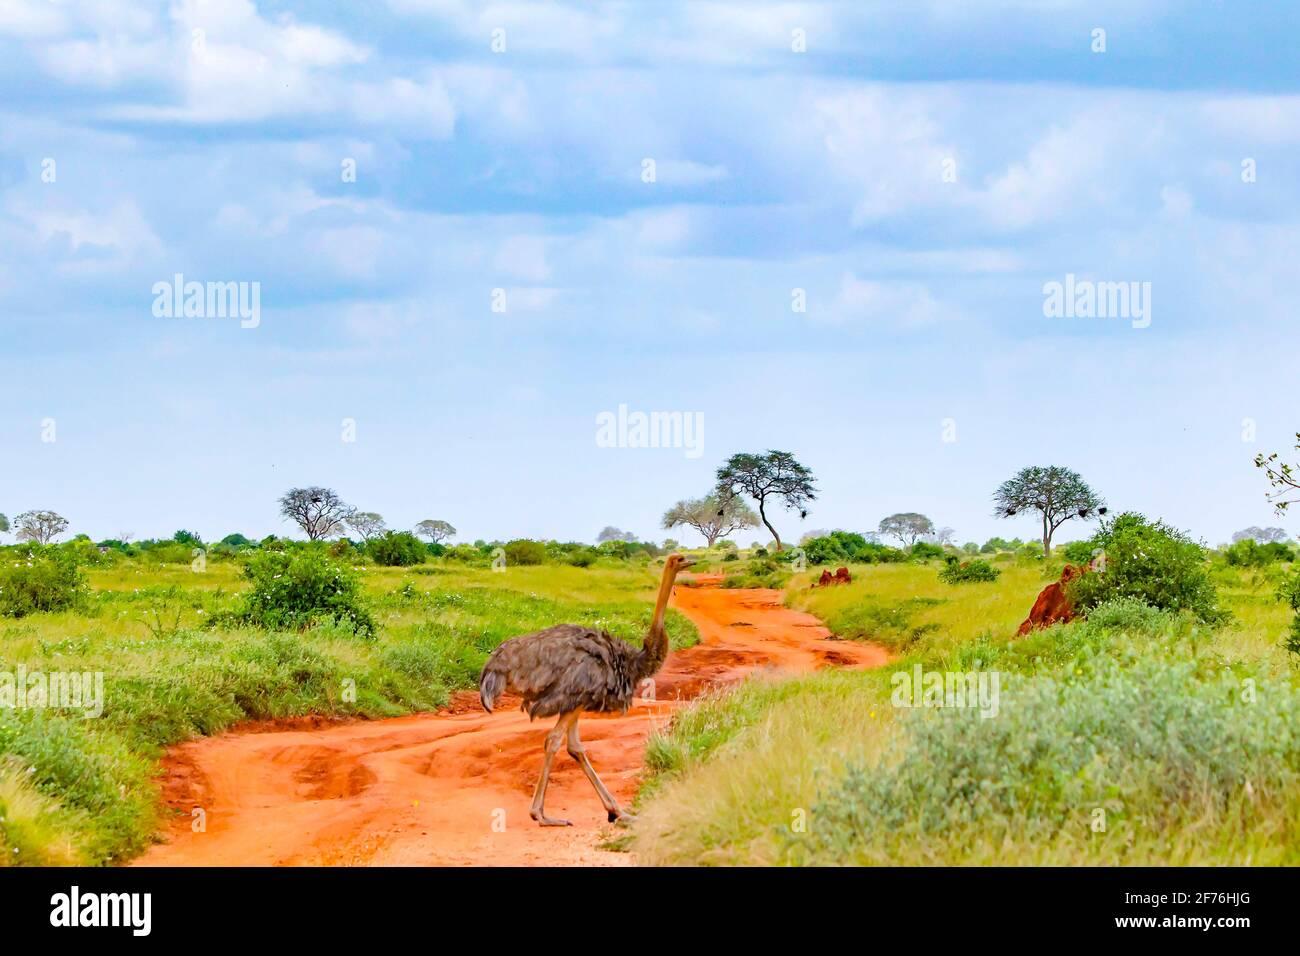 Foto de cerca de un avestruz se encuentra en un camino de tierra en medio de un safari en Tsavo este de Kenia. Es una foto de vida silvestre de África. Foto de stock